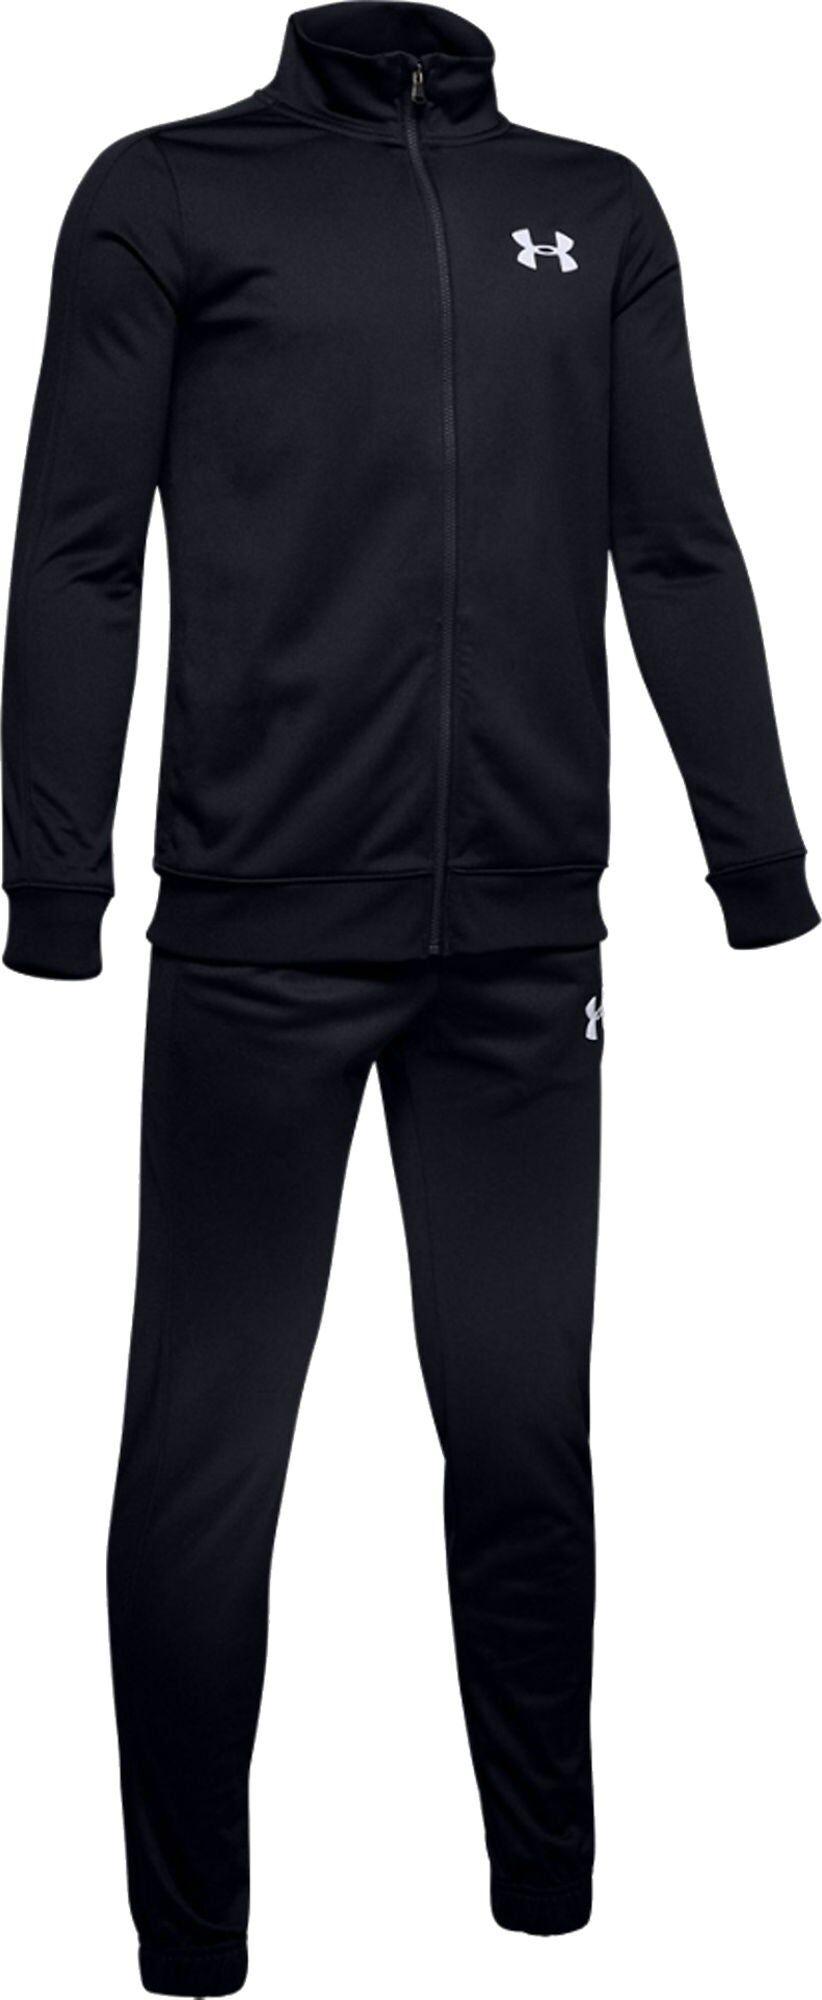 Under Armour Knit Treningsjakke, Black L